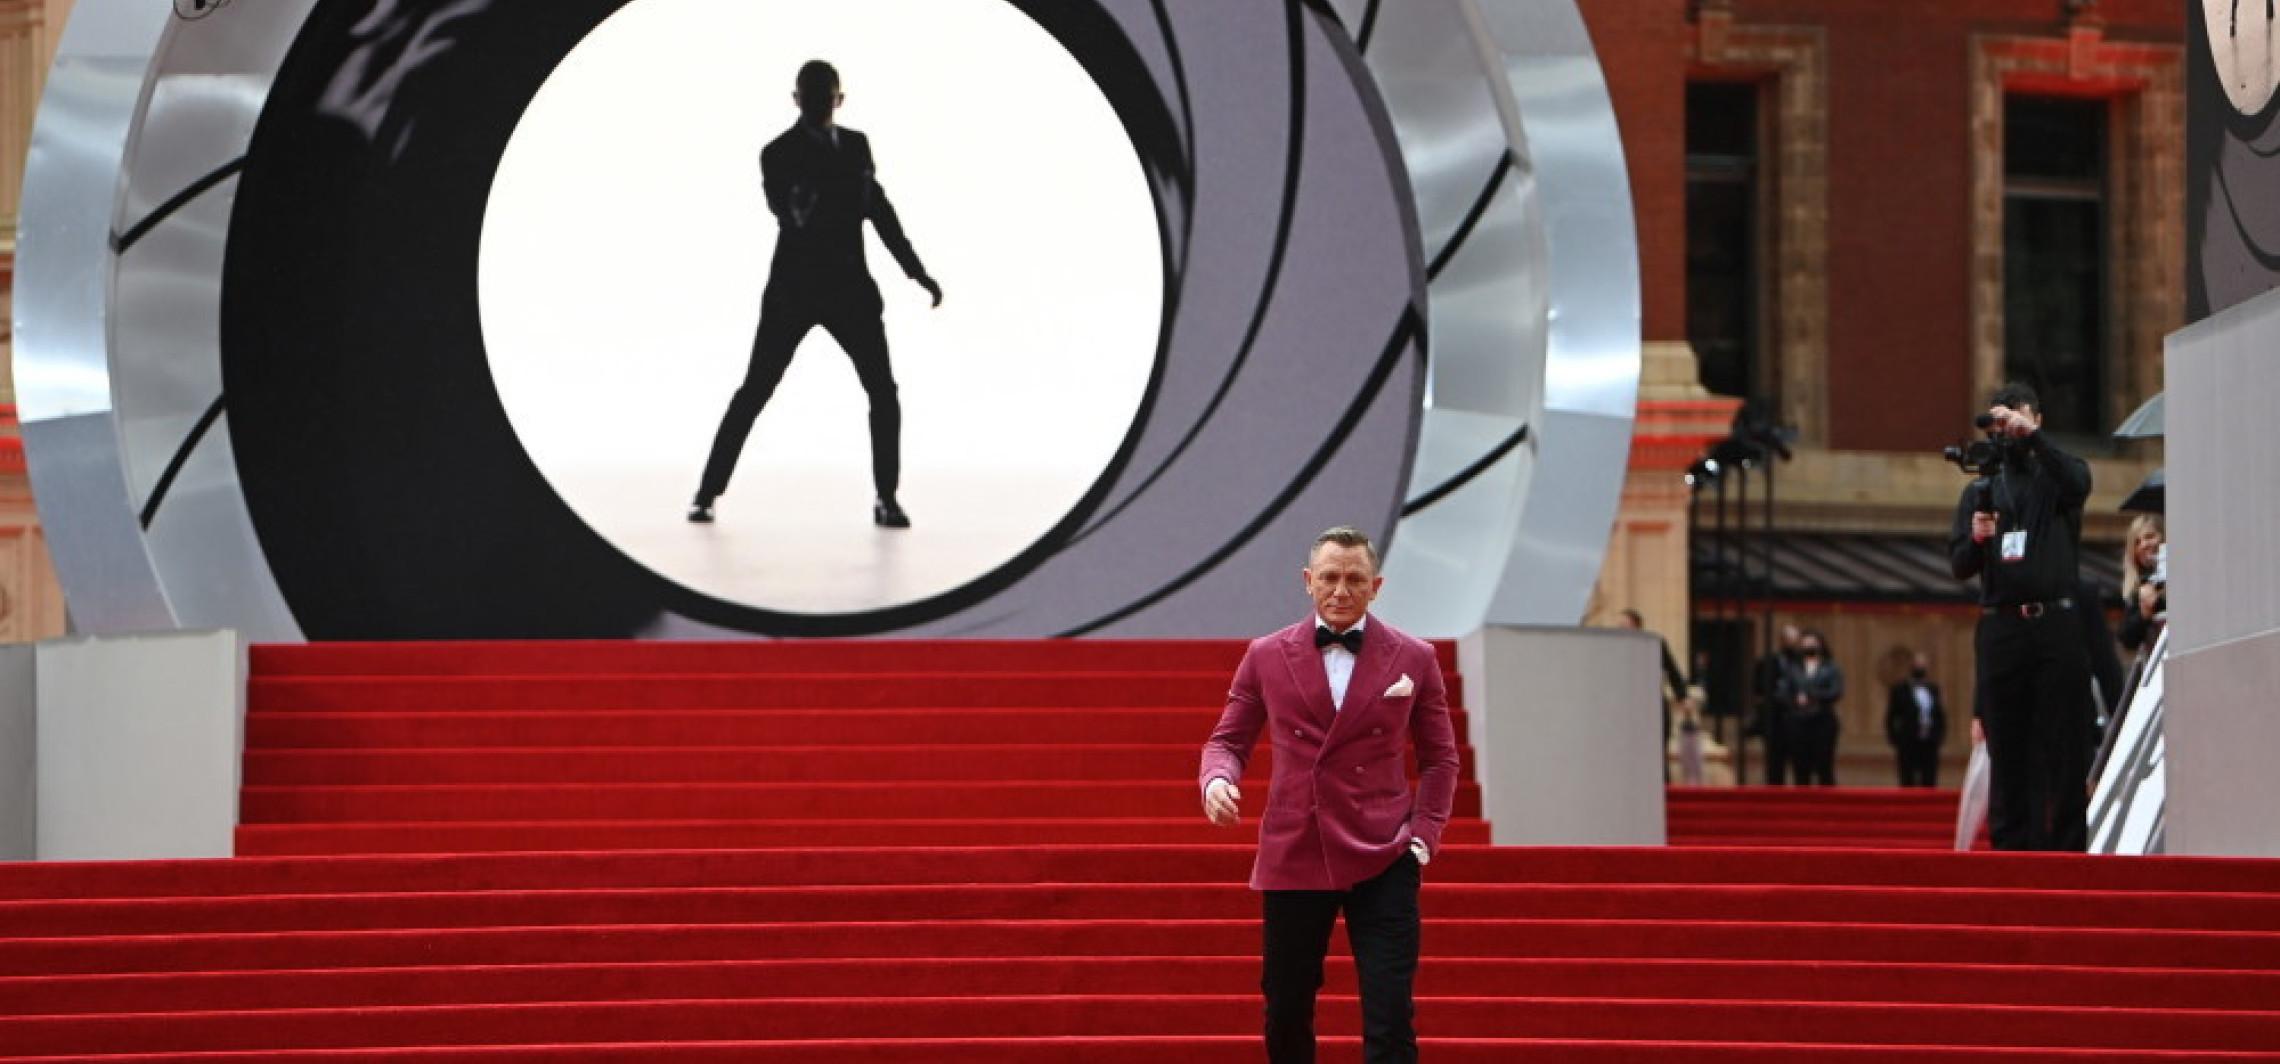 Daniel Craig dzięki graniu Bonda zerwał z nałogowym graniem na konsoli